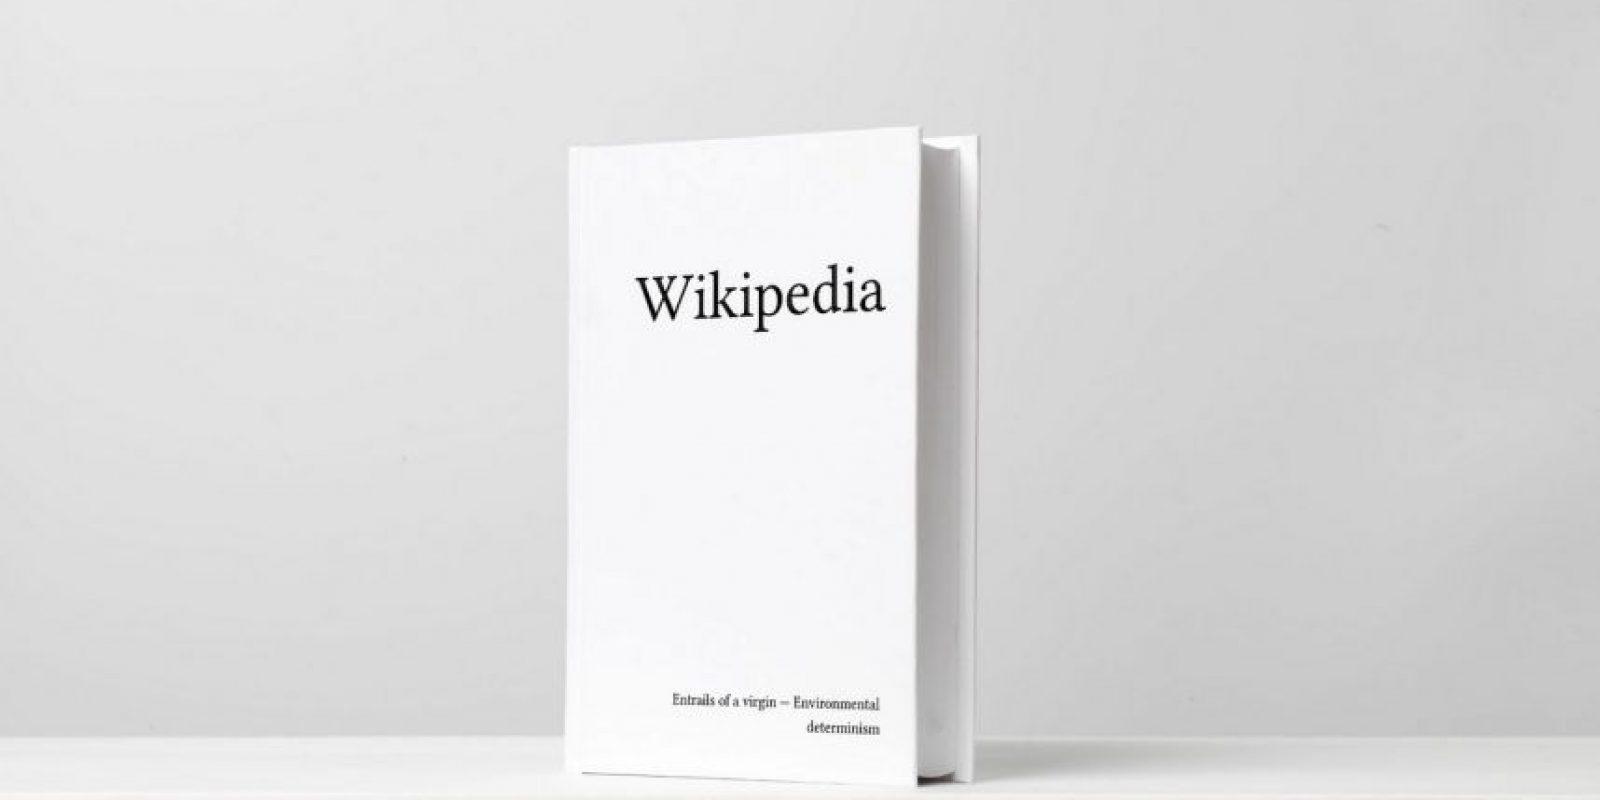 Habría más de siete mil volúmenes de 700 páginas cada uno. Foto:printwikipedia.com